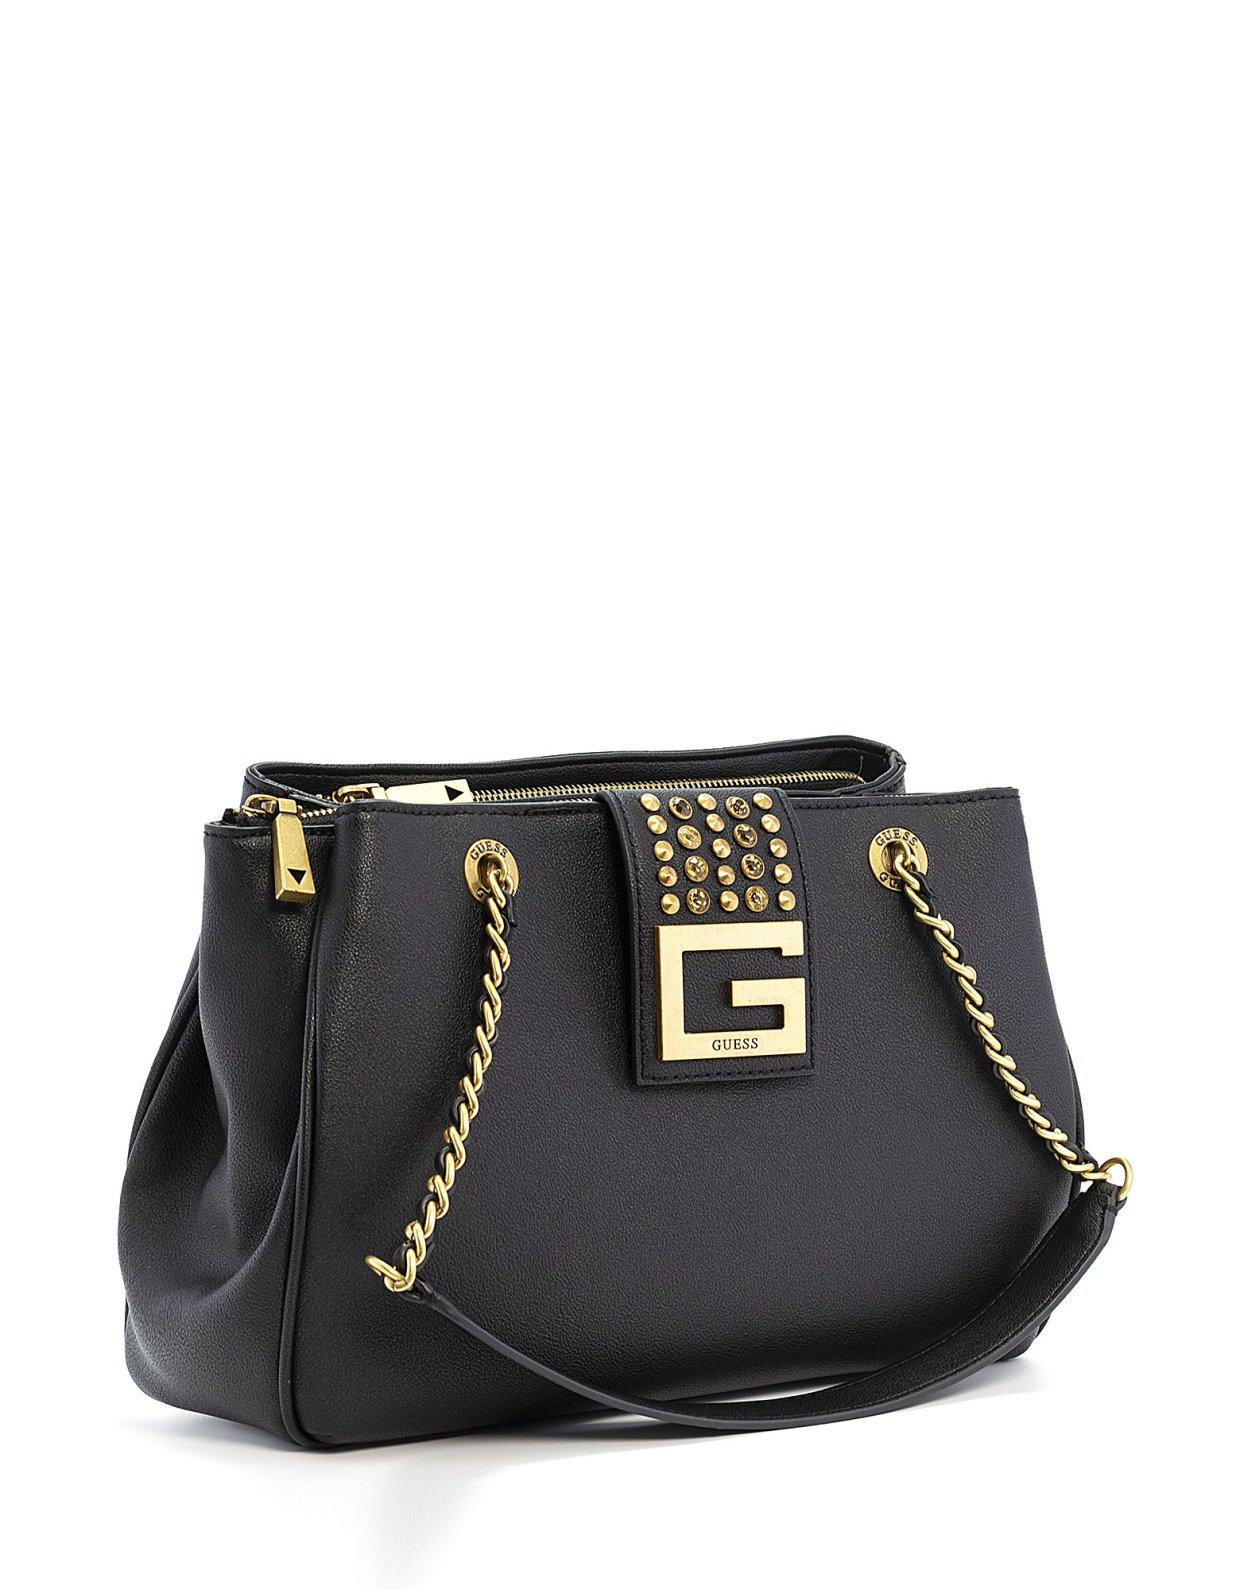 Guess Bling shoulder bag black